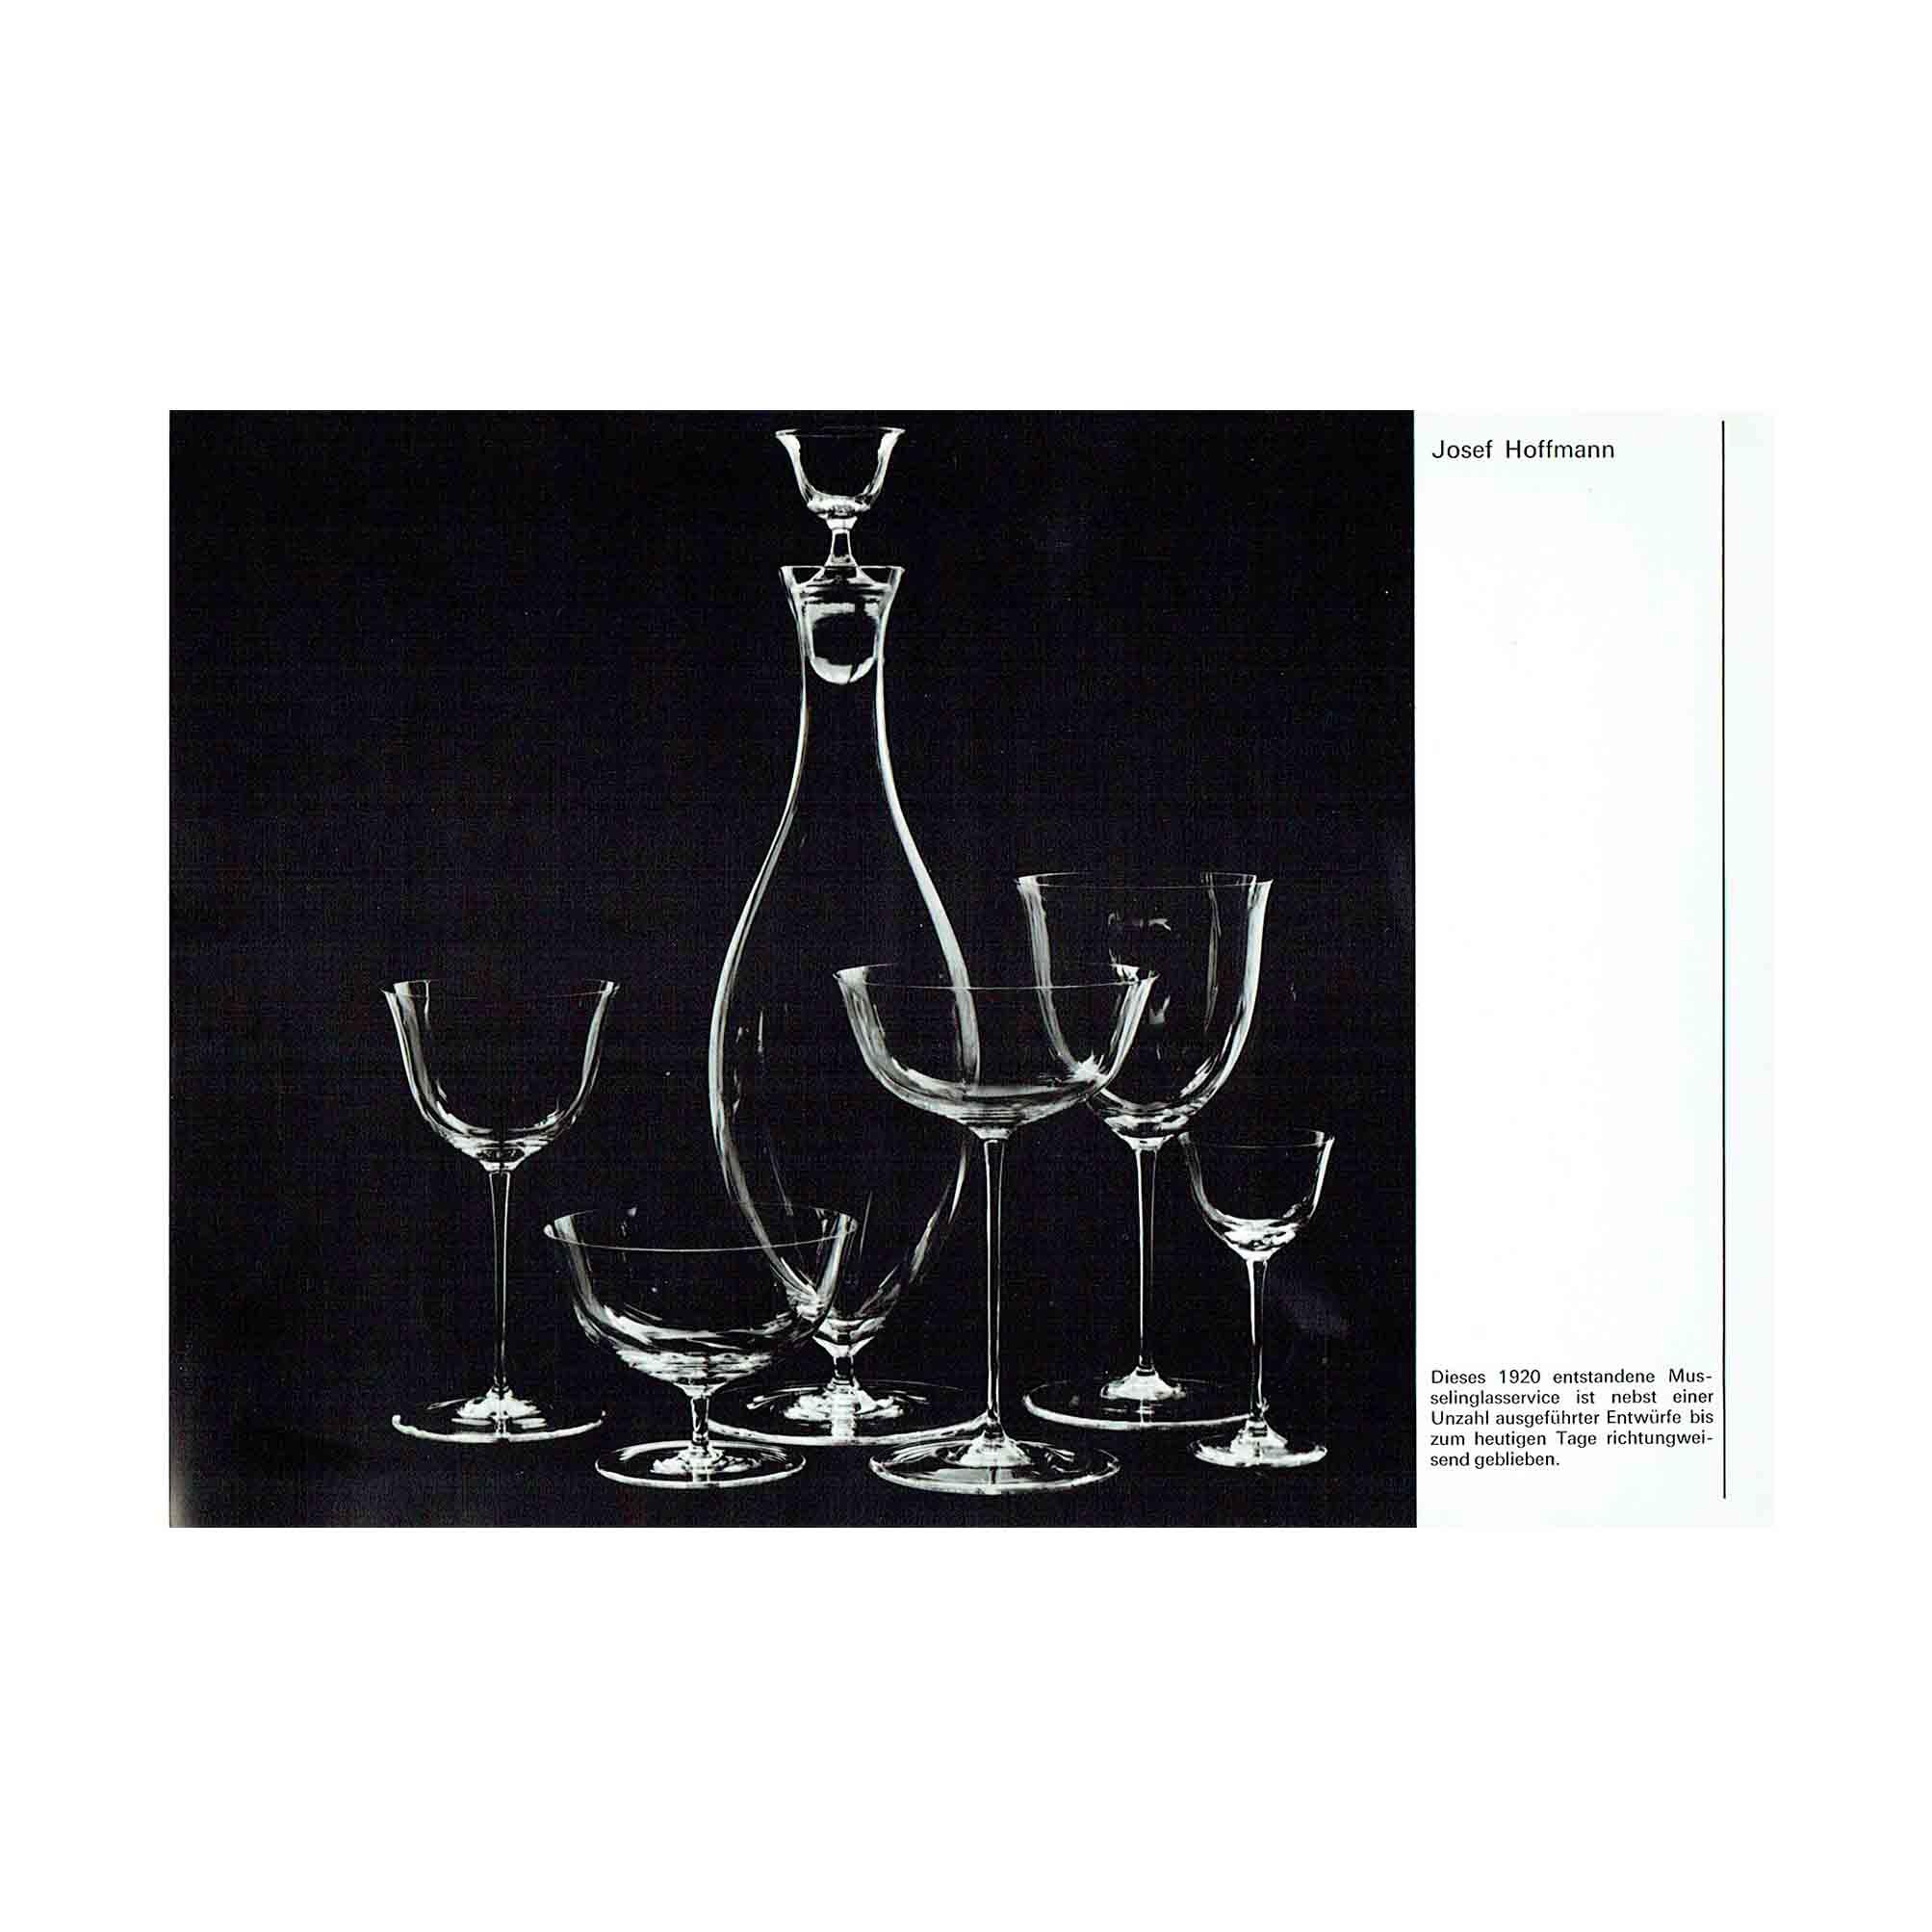 5961-Lobmeyr-Glas-150-Jahre-1973-Illustration-1-N.jpeg